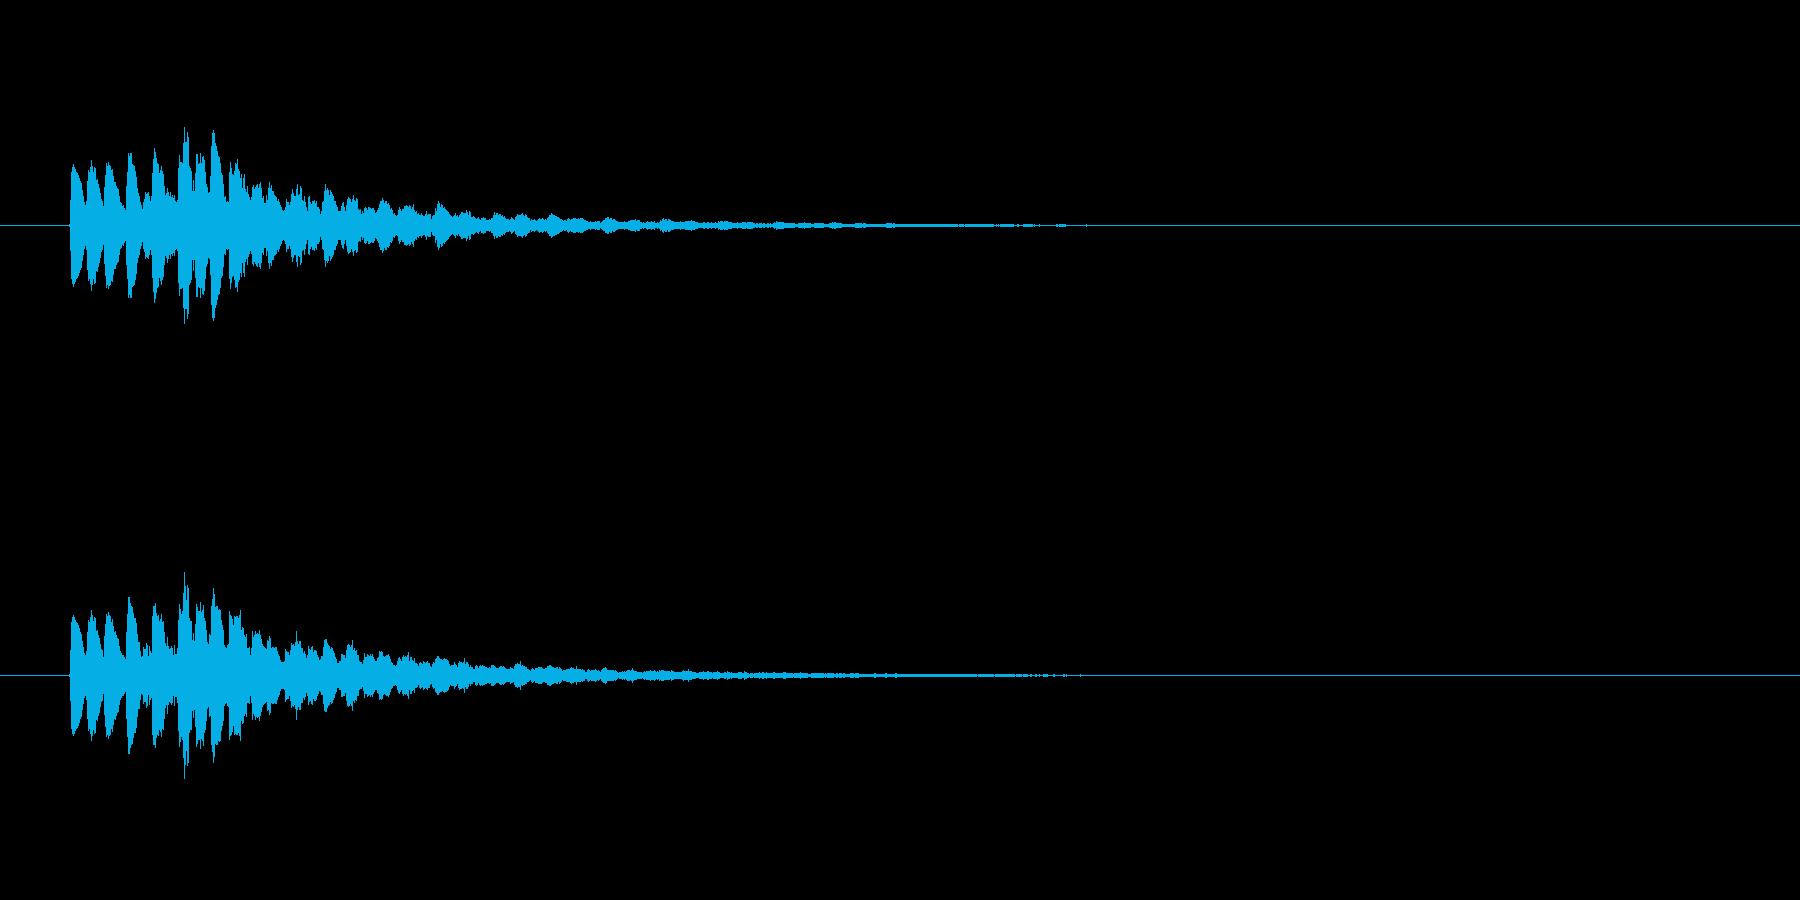 【ショートブリッジ17-6】の再生済みの波形